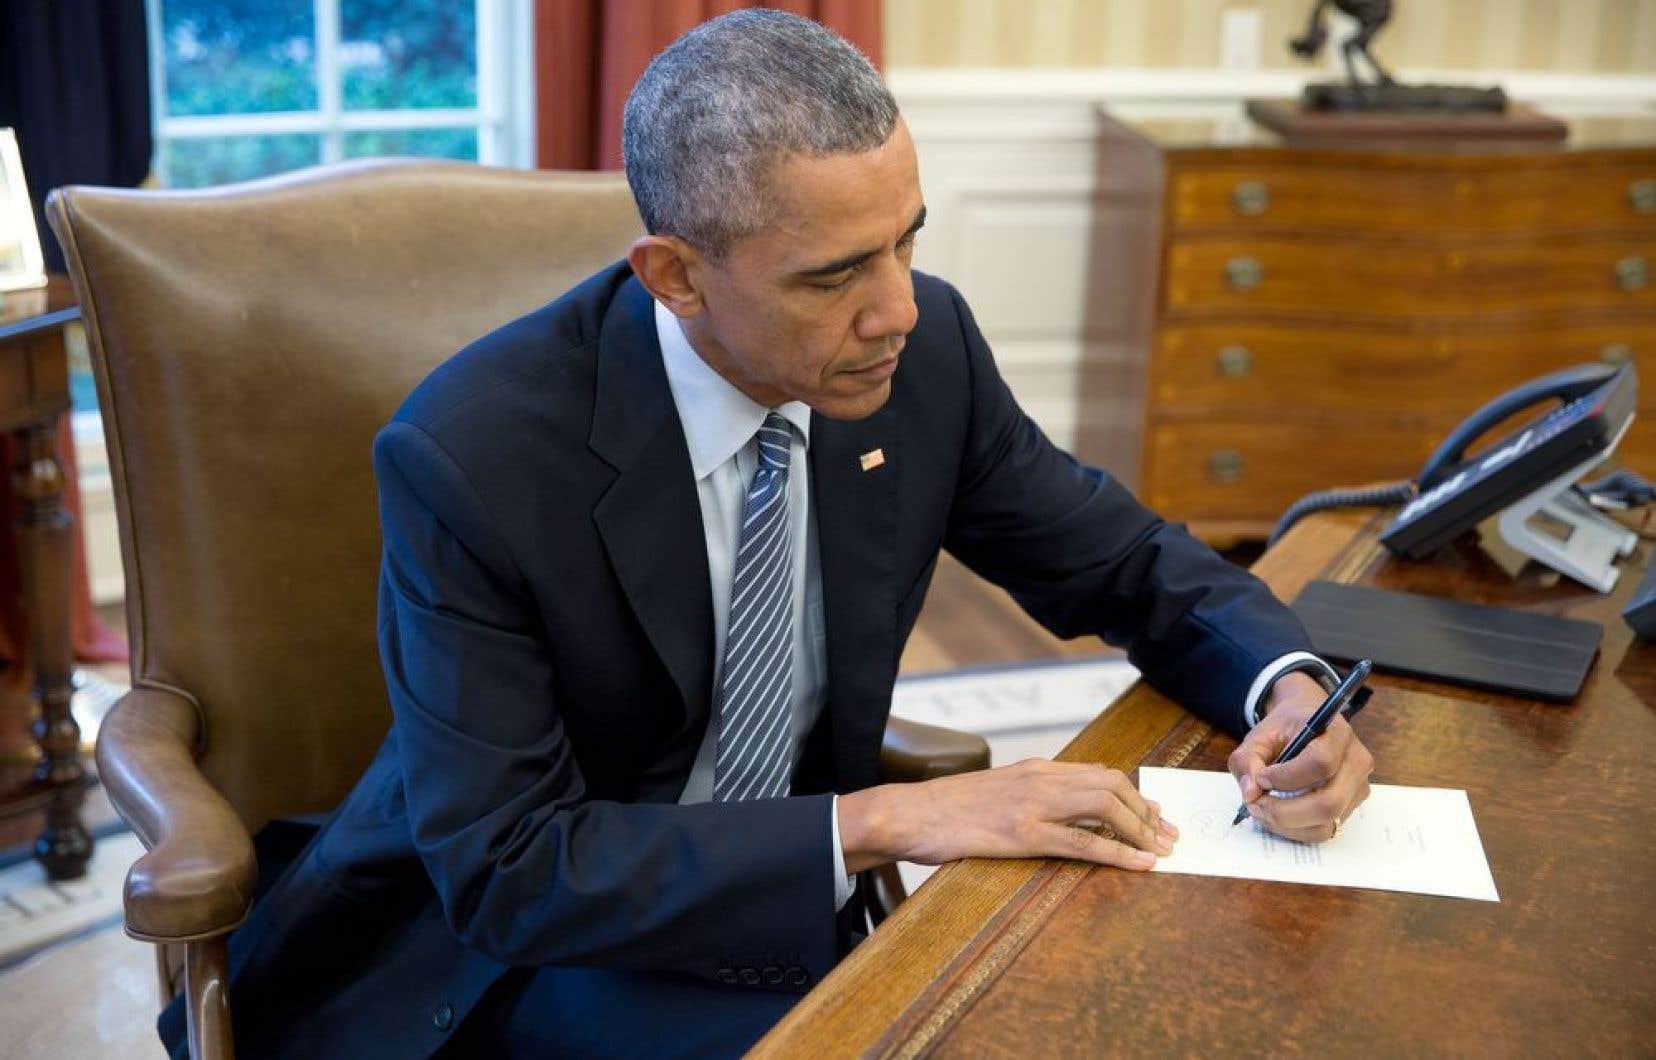 Le président des États-Unis, Barack Obama, a pris la plume pour répondre à Ileana Yarza, Cubaine de 76 ans, qui lui avait fait part de sa volonté de le rencontrer.